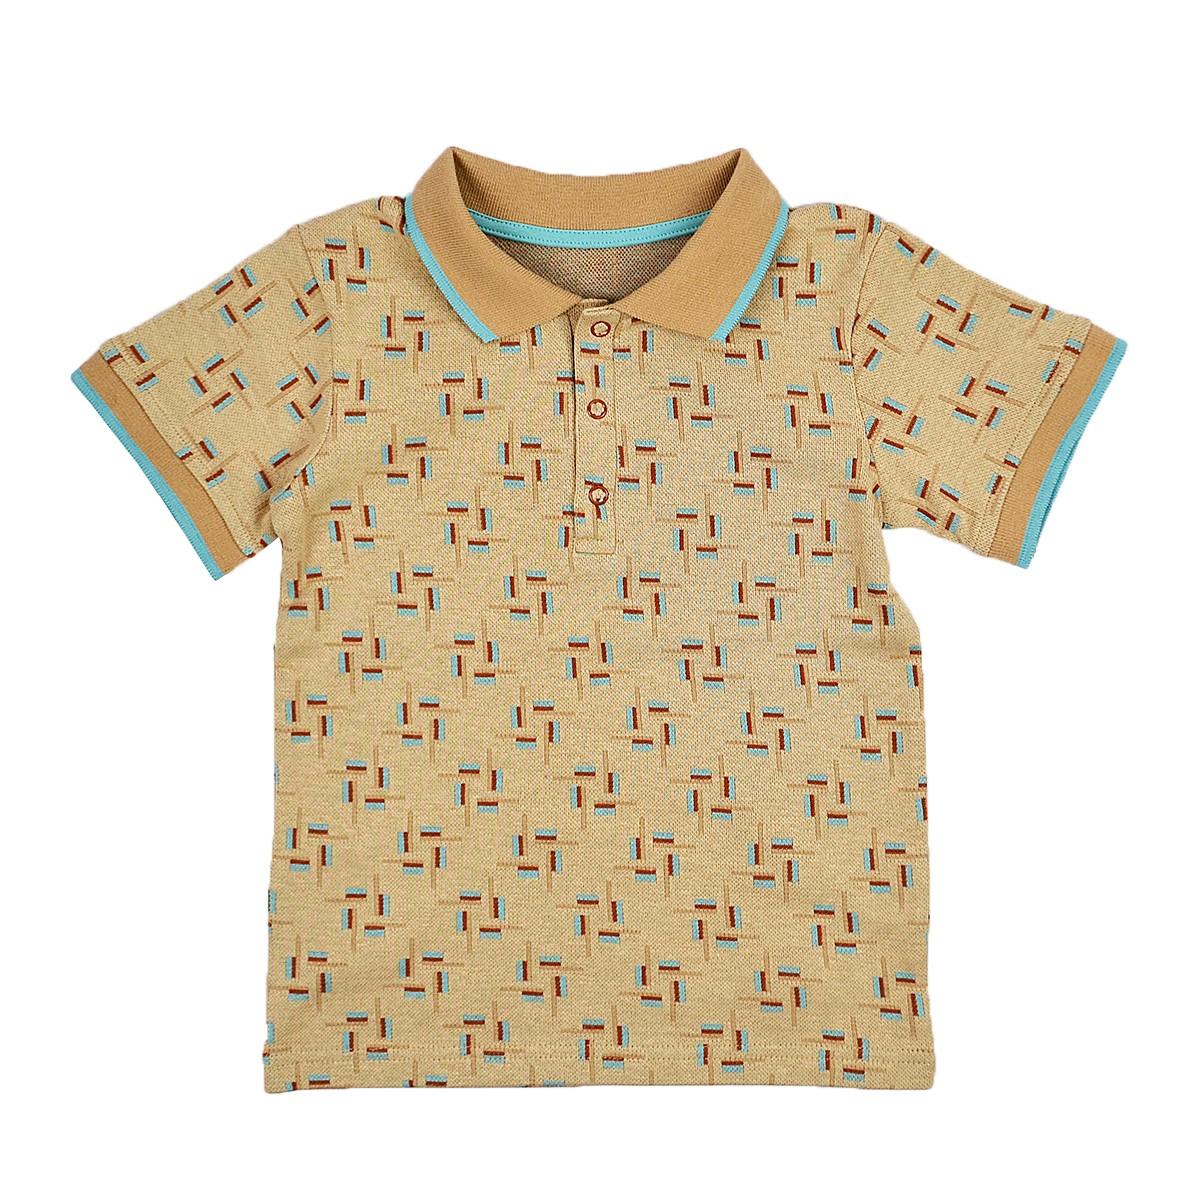 Shirt blocks